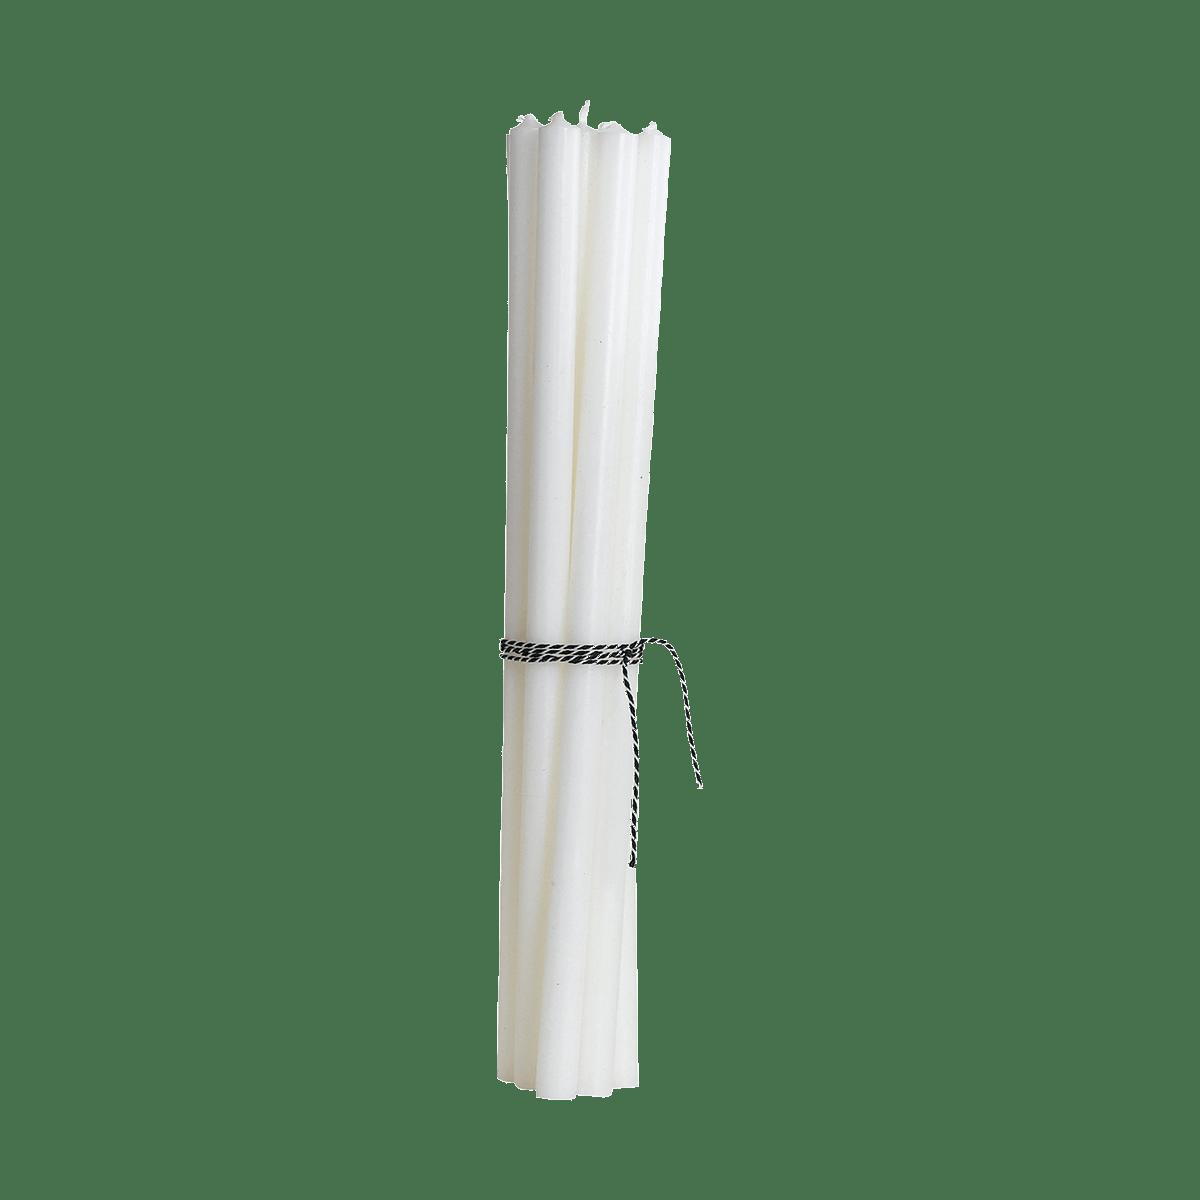 Bílé tenké svíčky - set 10 kusů